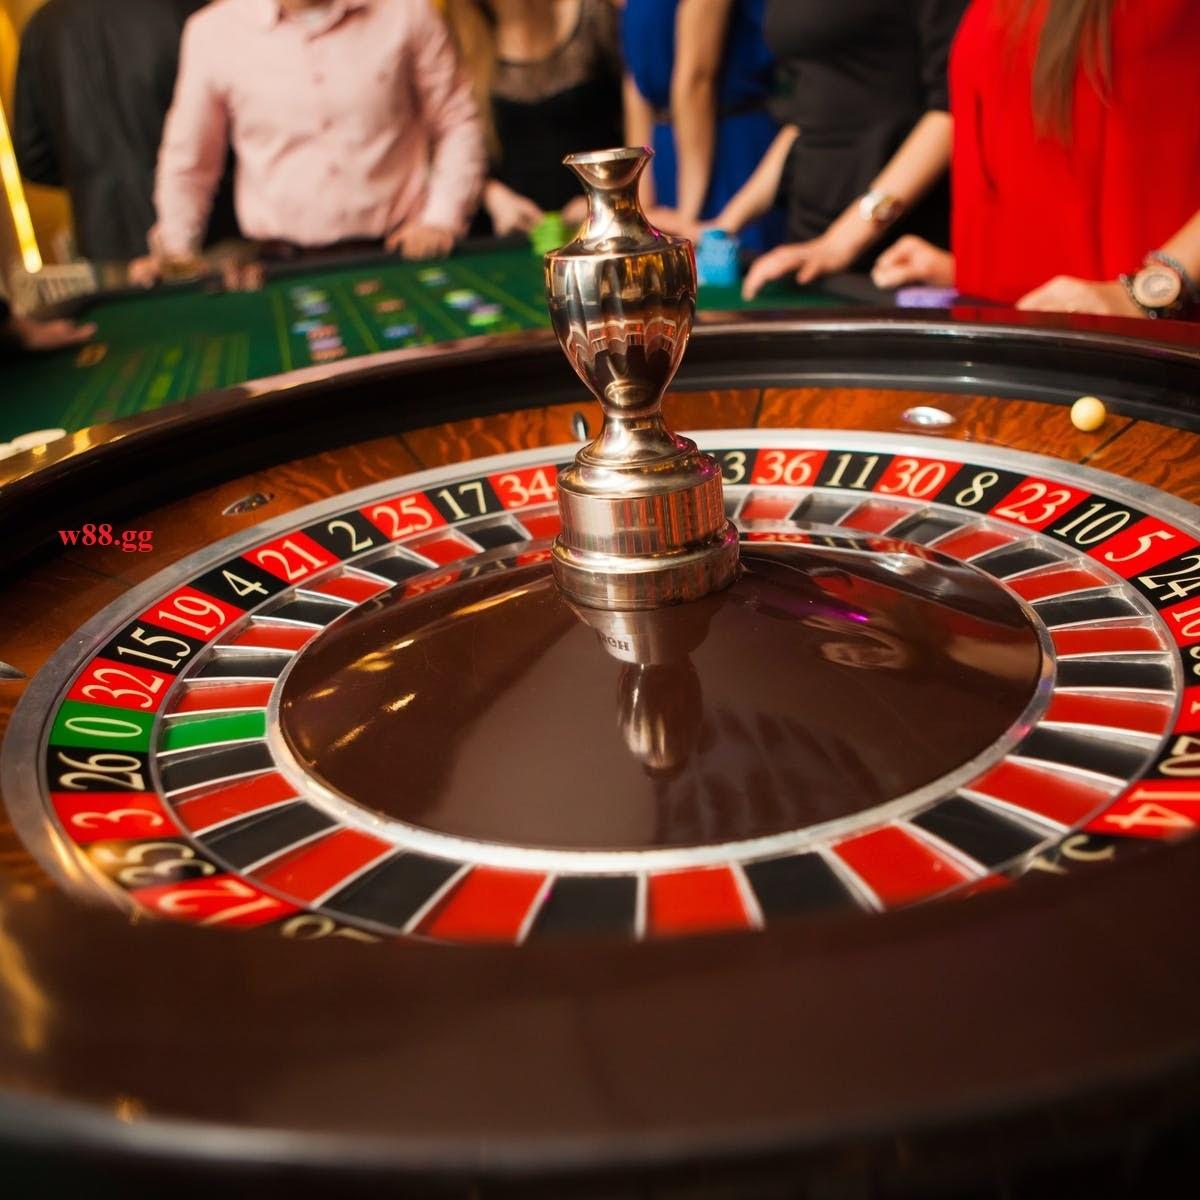 Nên chơi game bài Roulette ở đâu để đảm bảo an toàn?